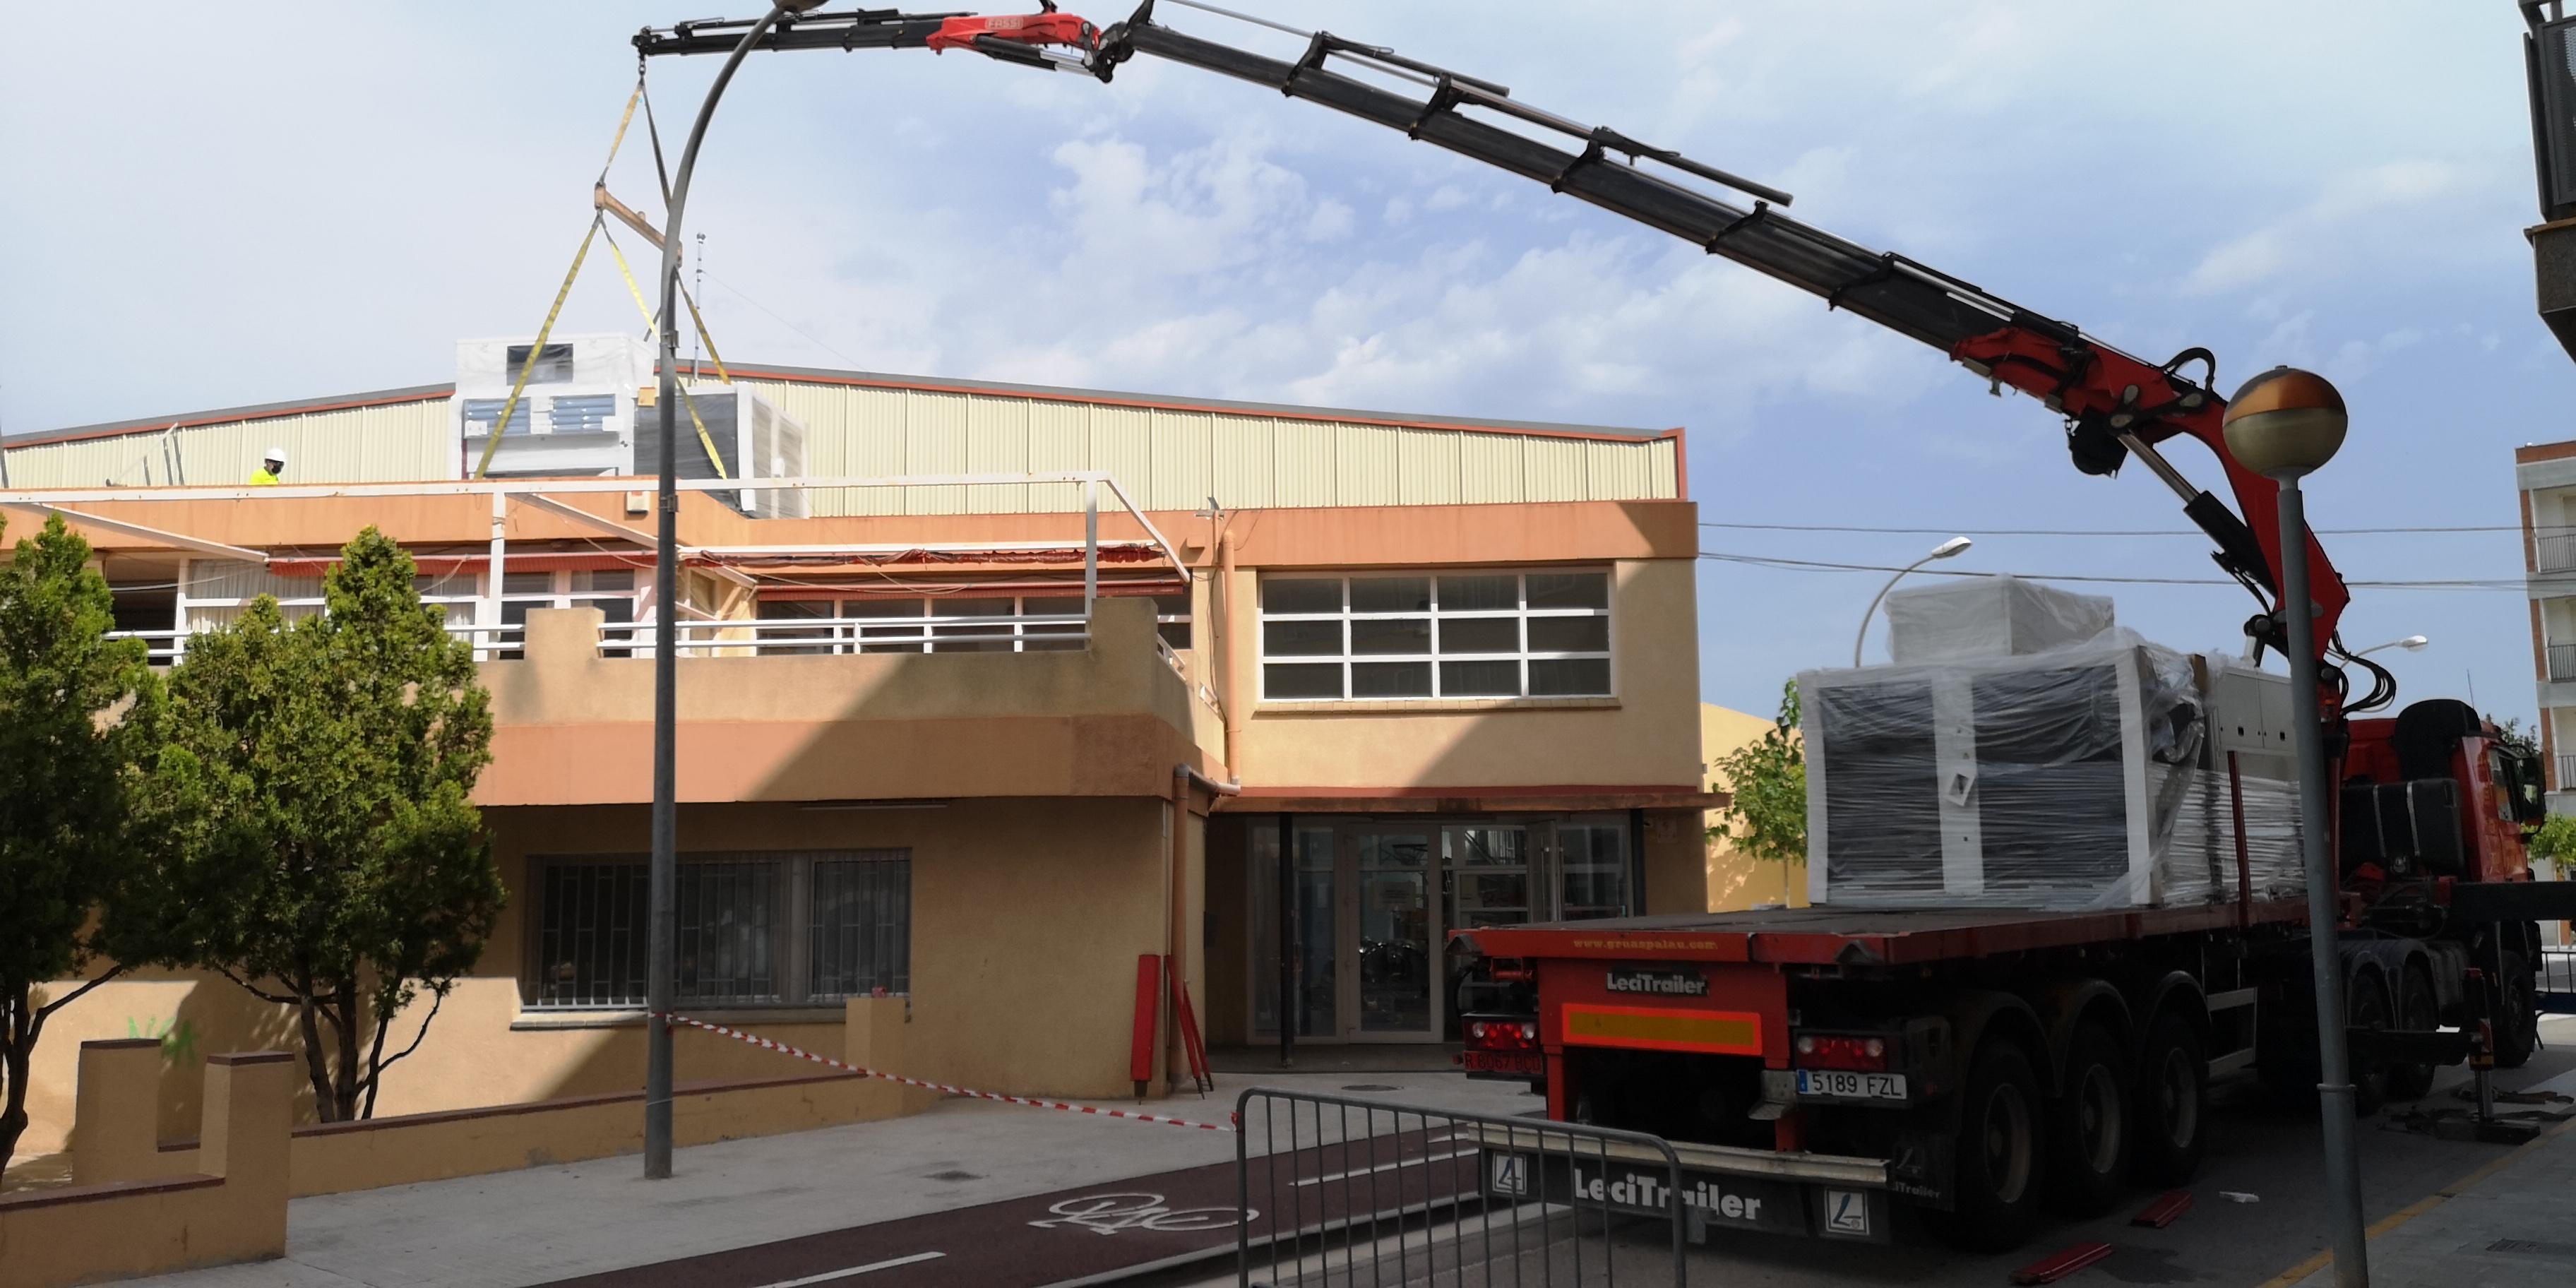 El pavelló esportiu cobert de l'Hospitalet de l'Infant disposarà d'un nou sistema de climatització i ventilació